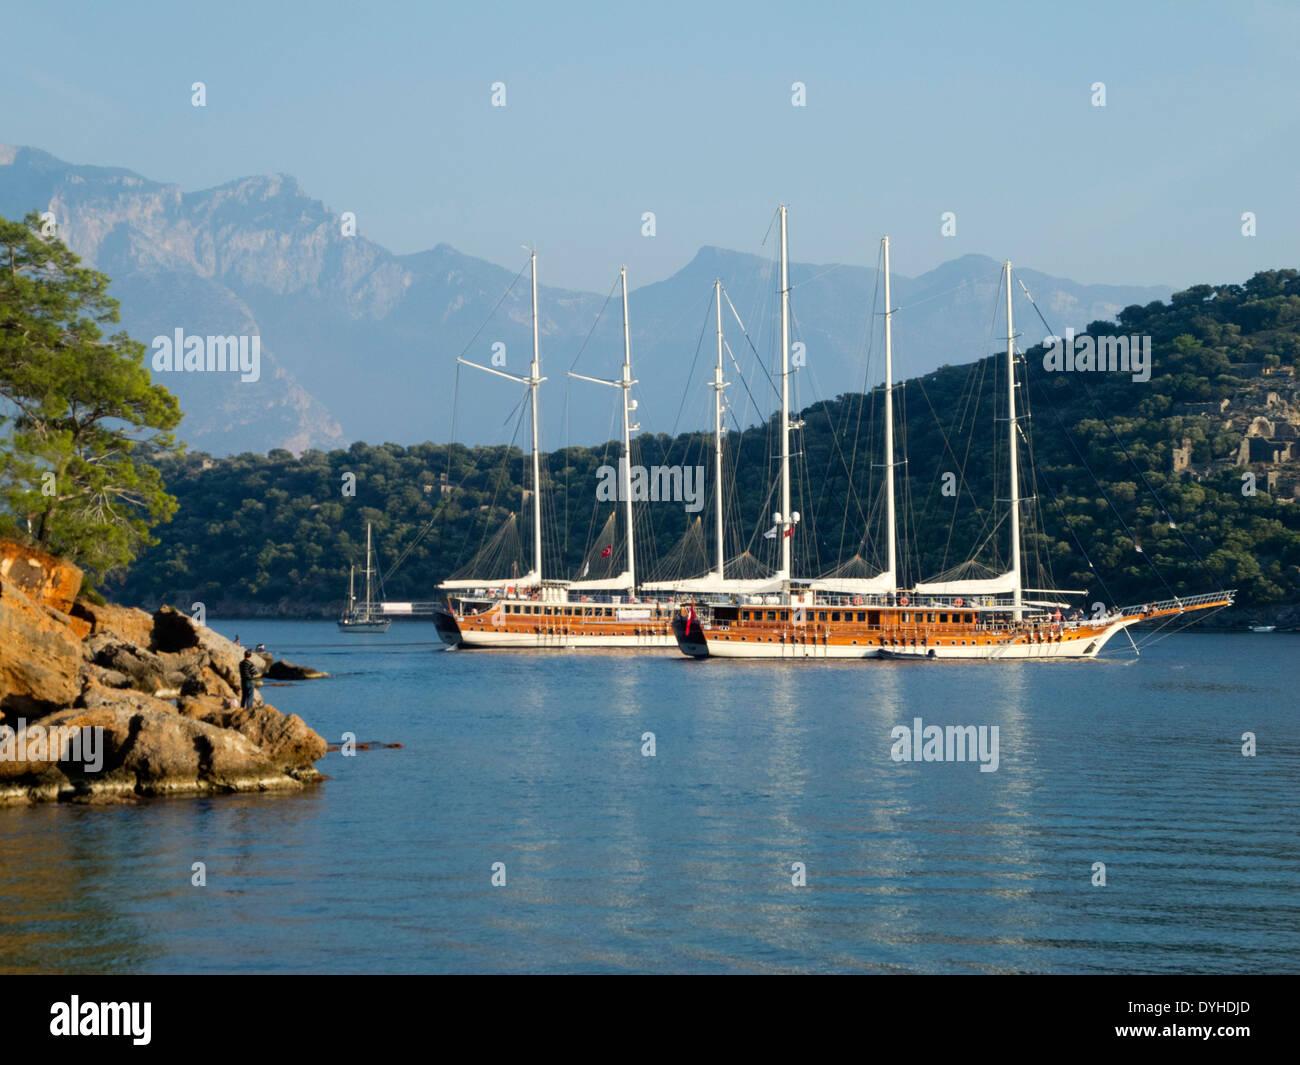 Ägypten, Ölü Deniz, Gemile Koyu (Gemile Bucht) Sprachlernspiels der Insel Gemiler (Nikolausinsel), Stockbild